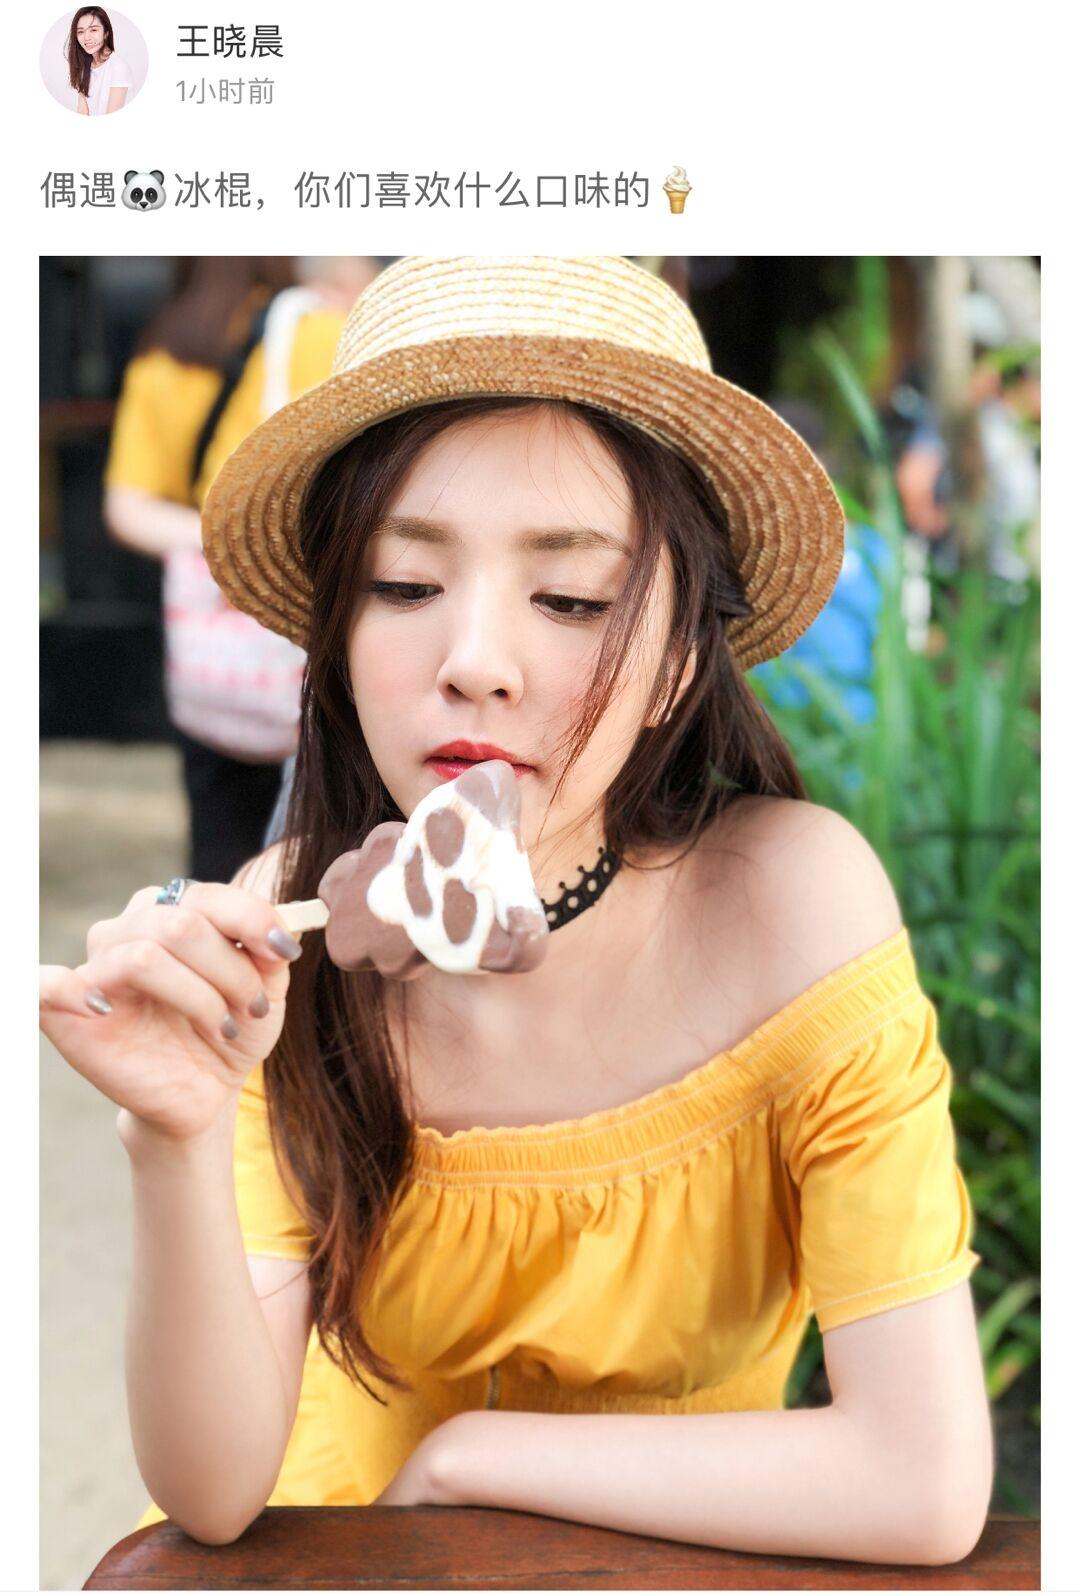 王晓晨入驻超级星饭团 晒美照与粉丝有爱互动